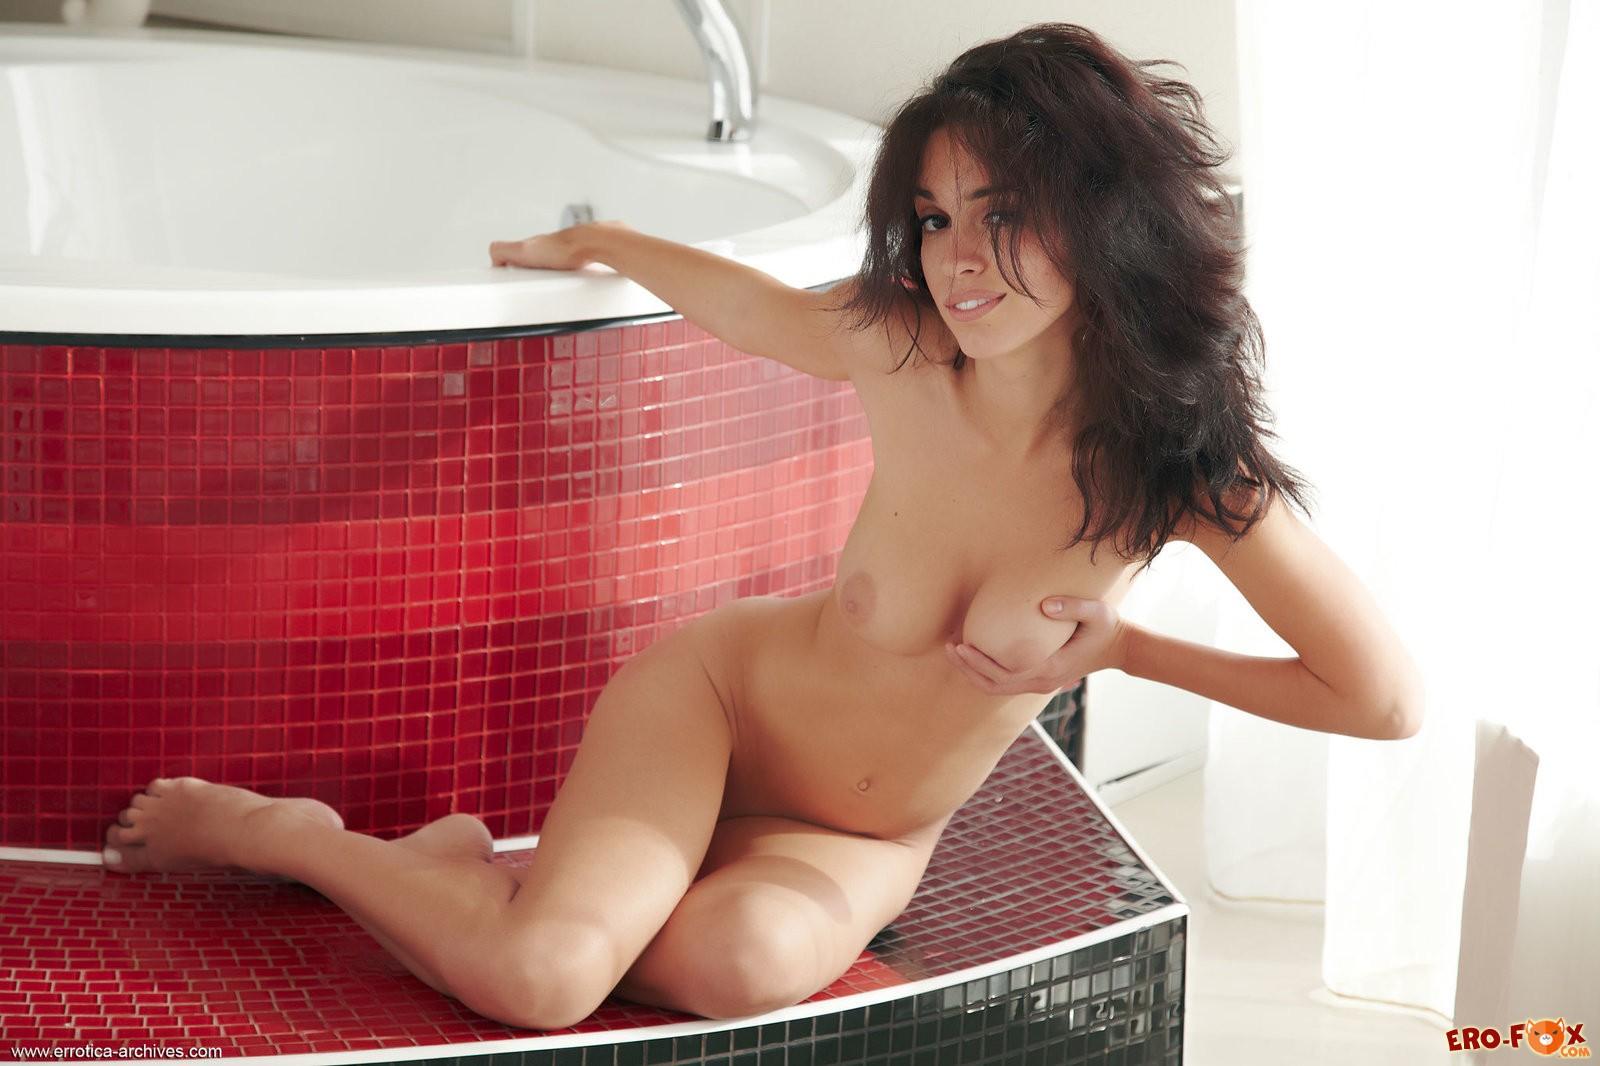 Голая брюнетка в ванной комнате